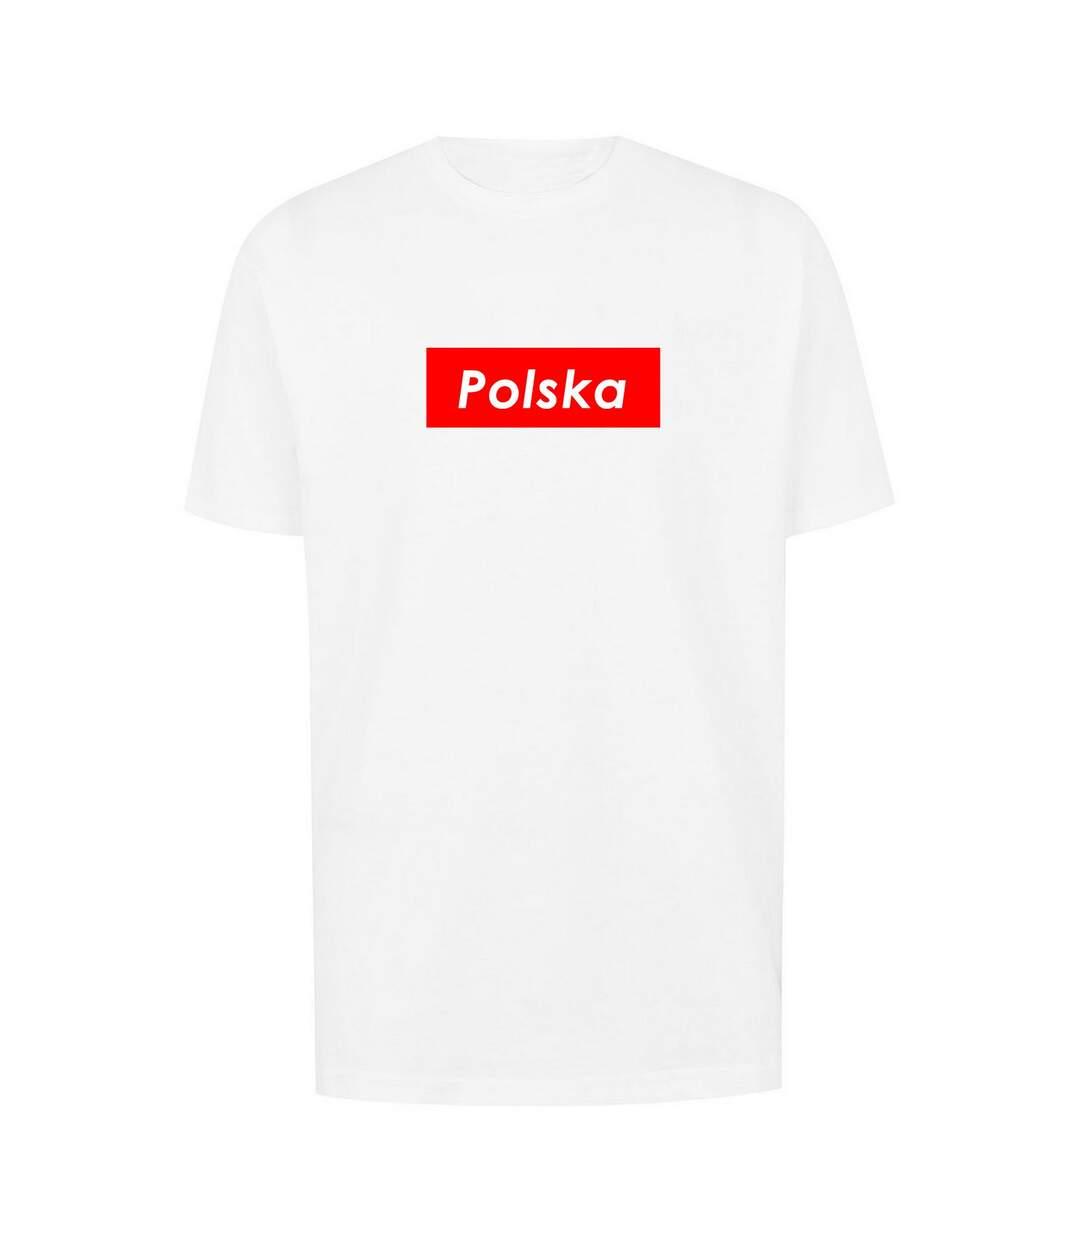 The T-Shirt Factory Mens Polska Poland Box Logo T-Shirt (White) - UTTF673